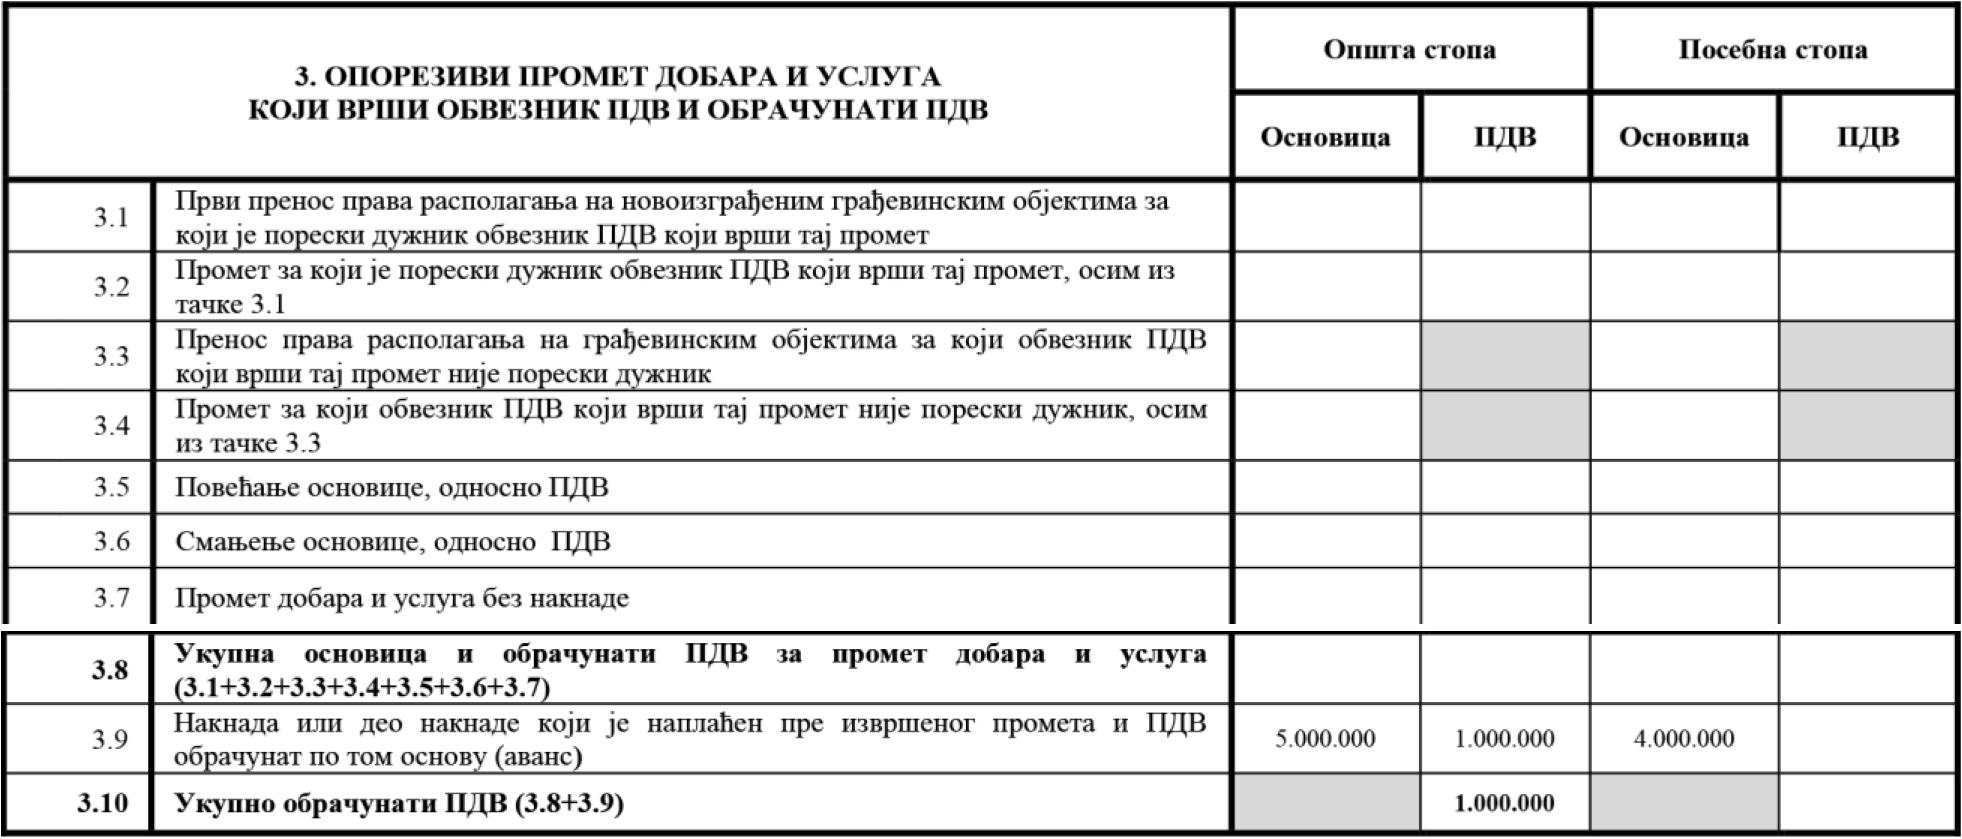 uputstvo PU obrazac POPDV primer 64